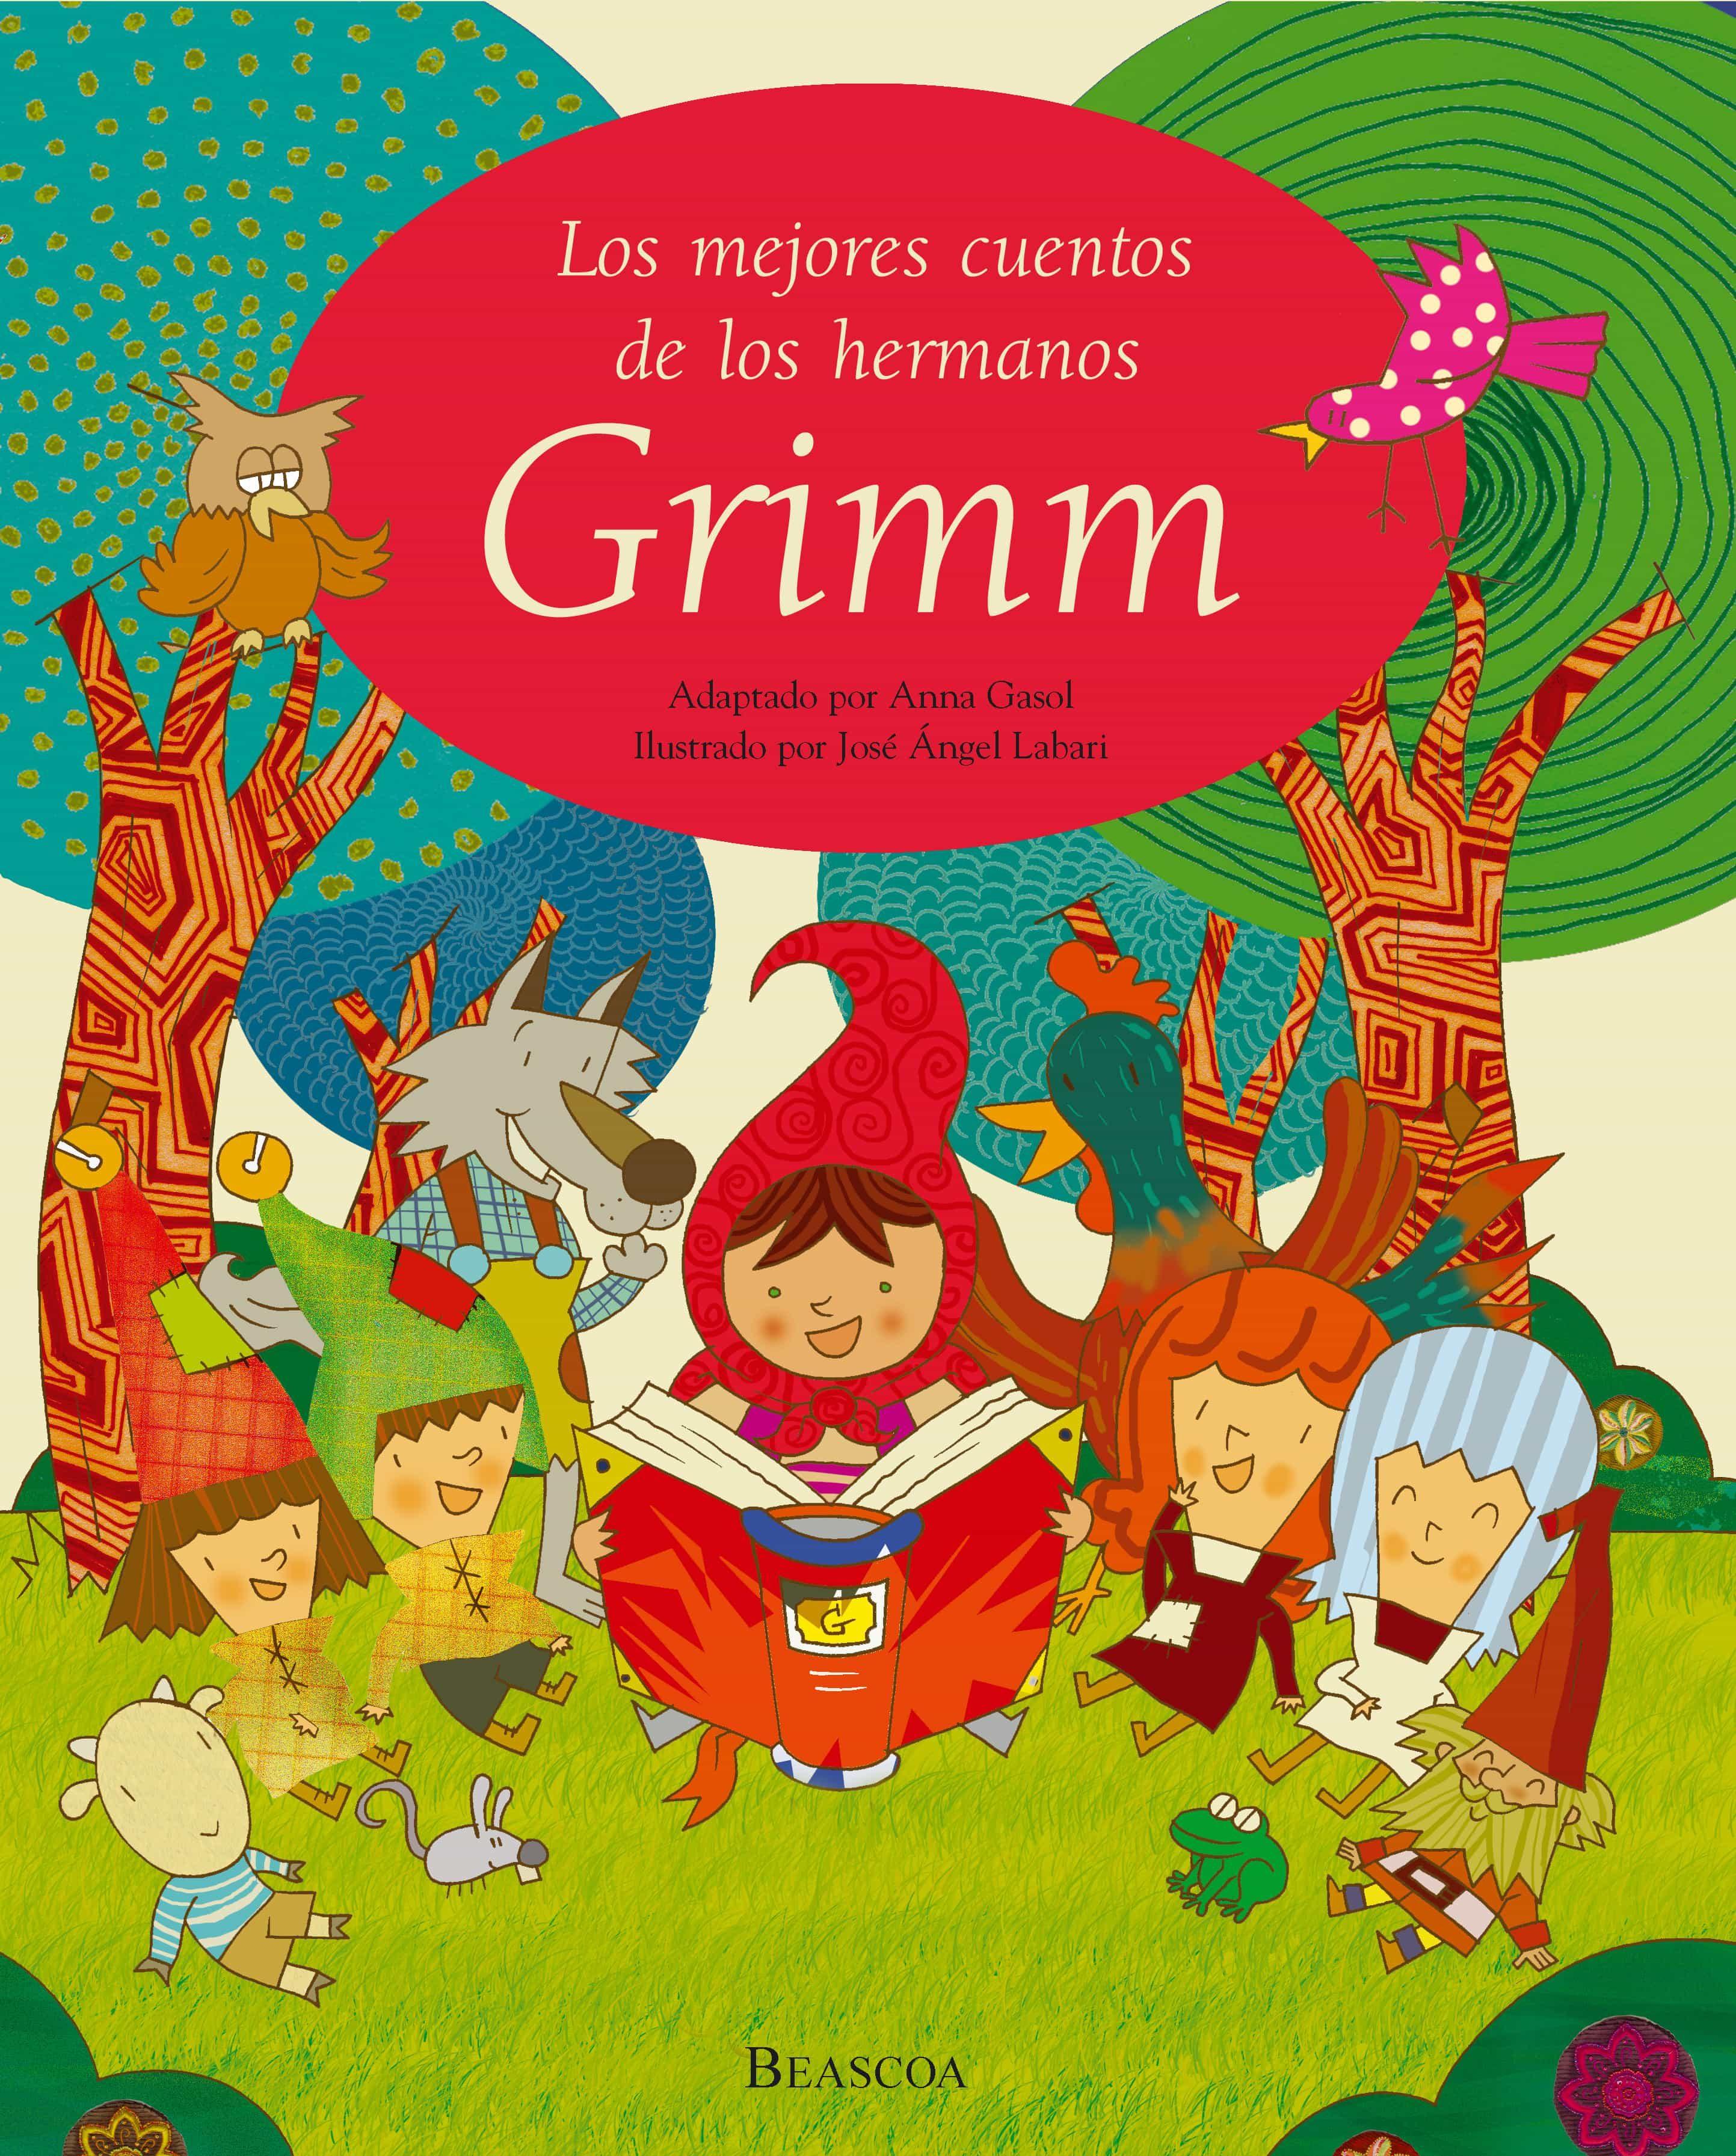 libros infantiles hermanos grimm